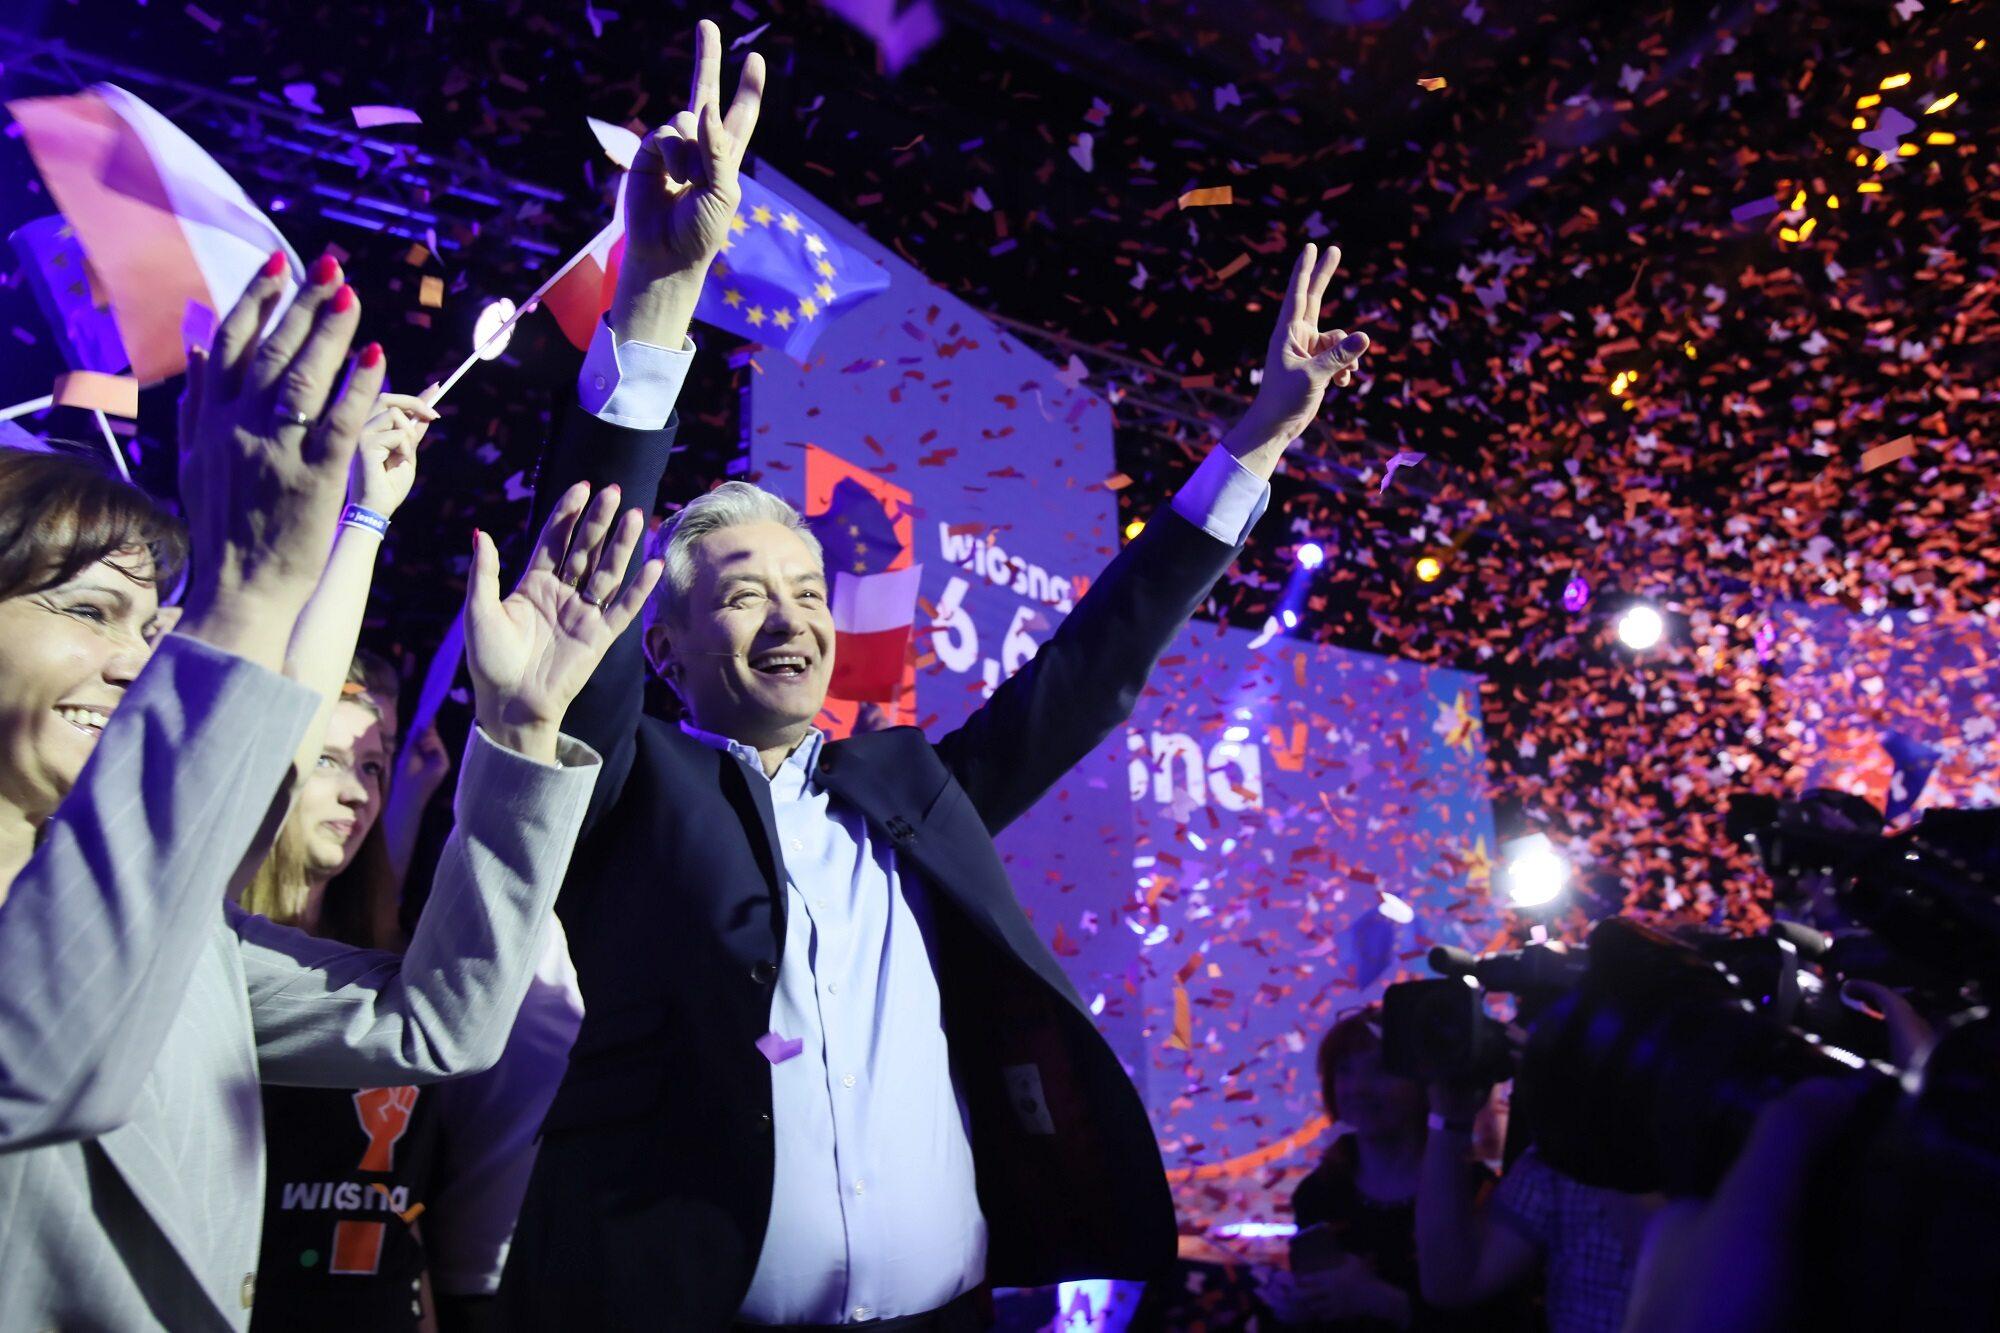 Lider Wiosny Robert Biedroń w sztabie wyborczym partii w Warszawie,